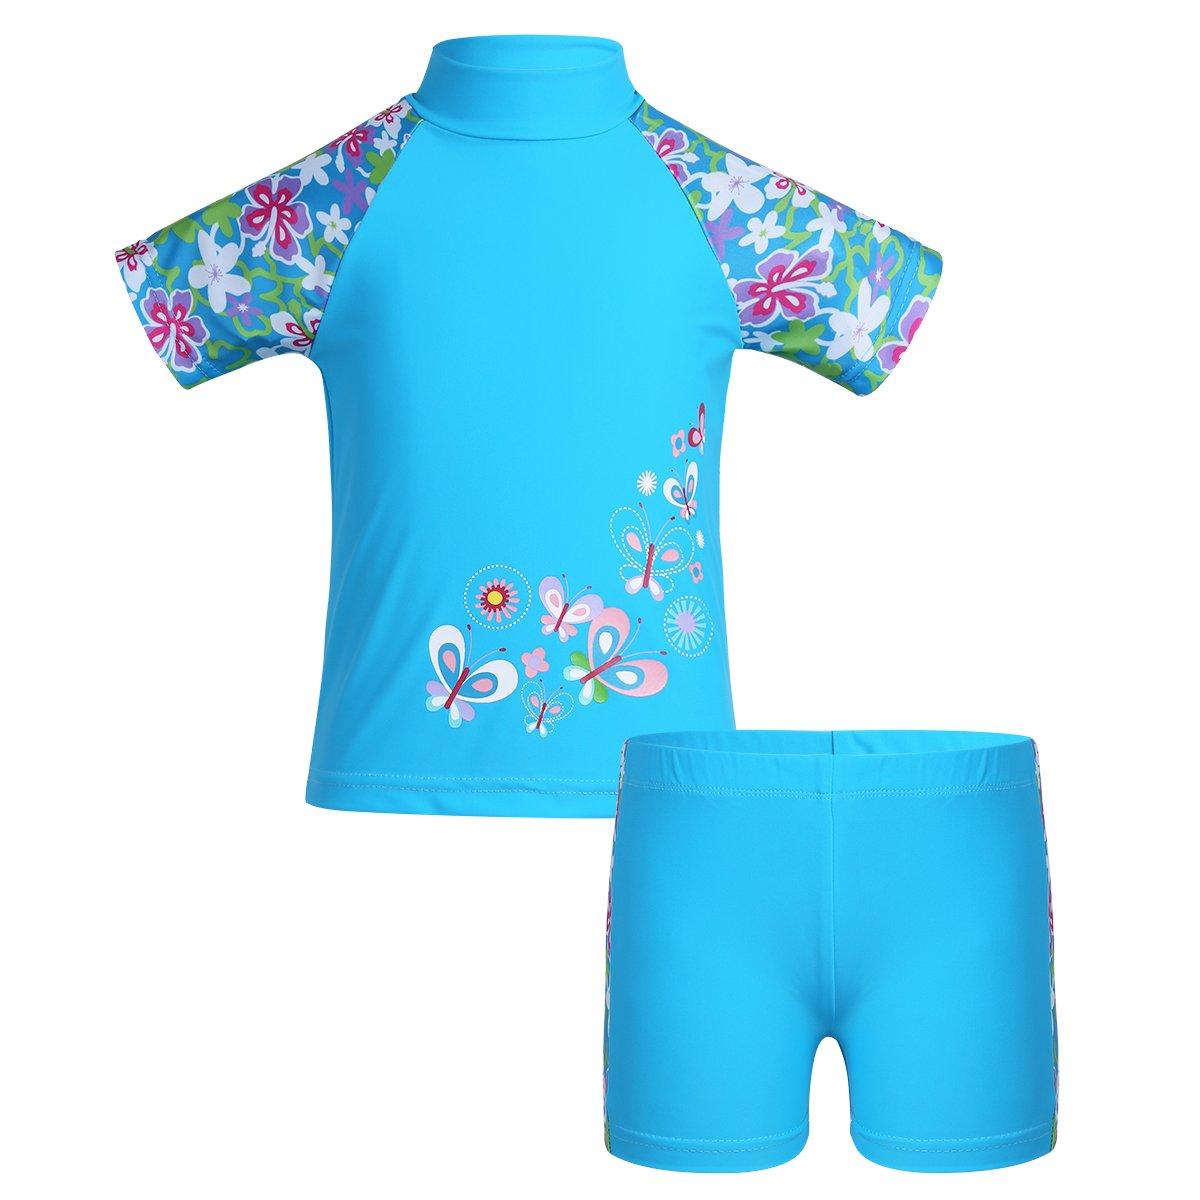 Freebily Costume da Bagno Bambina Costumi a Due Pezzi Ragazza Tankini Costume Intero Bikini Costumi Mare Bambina Intero Mare Piscina Nuoto Protezione Solare 50